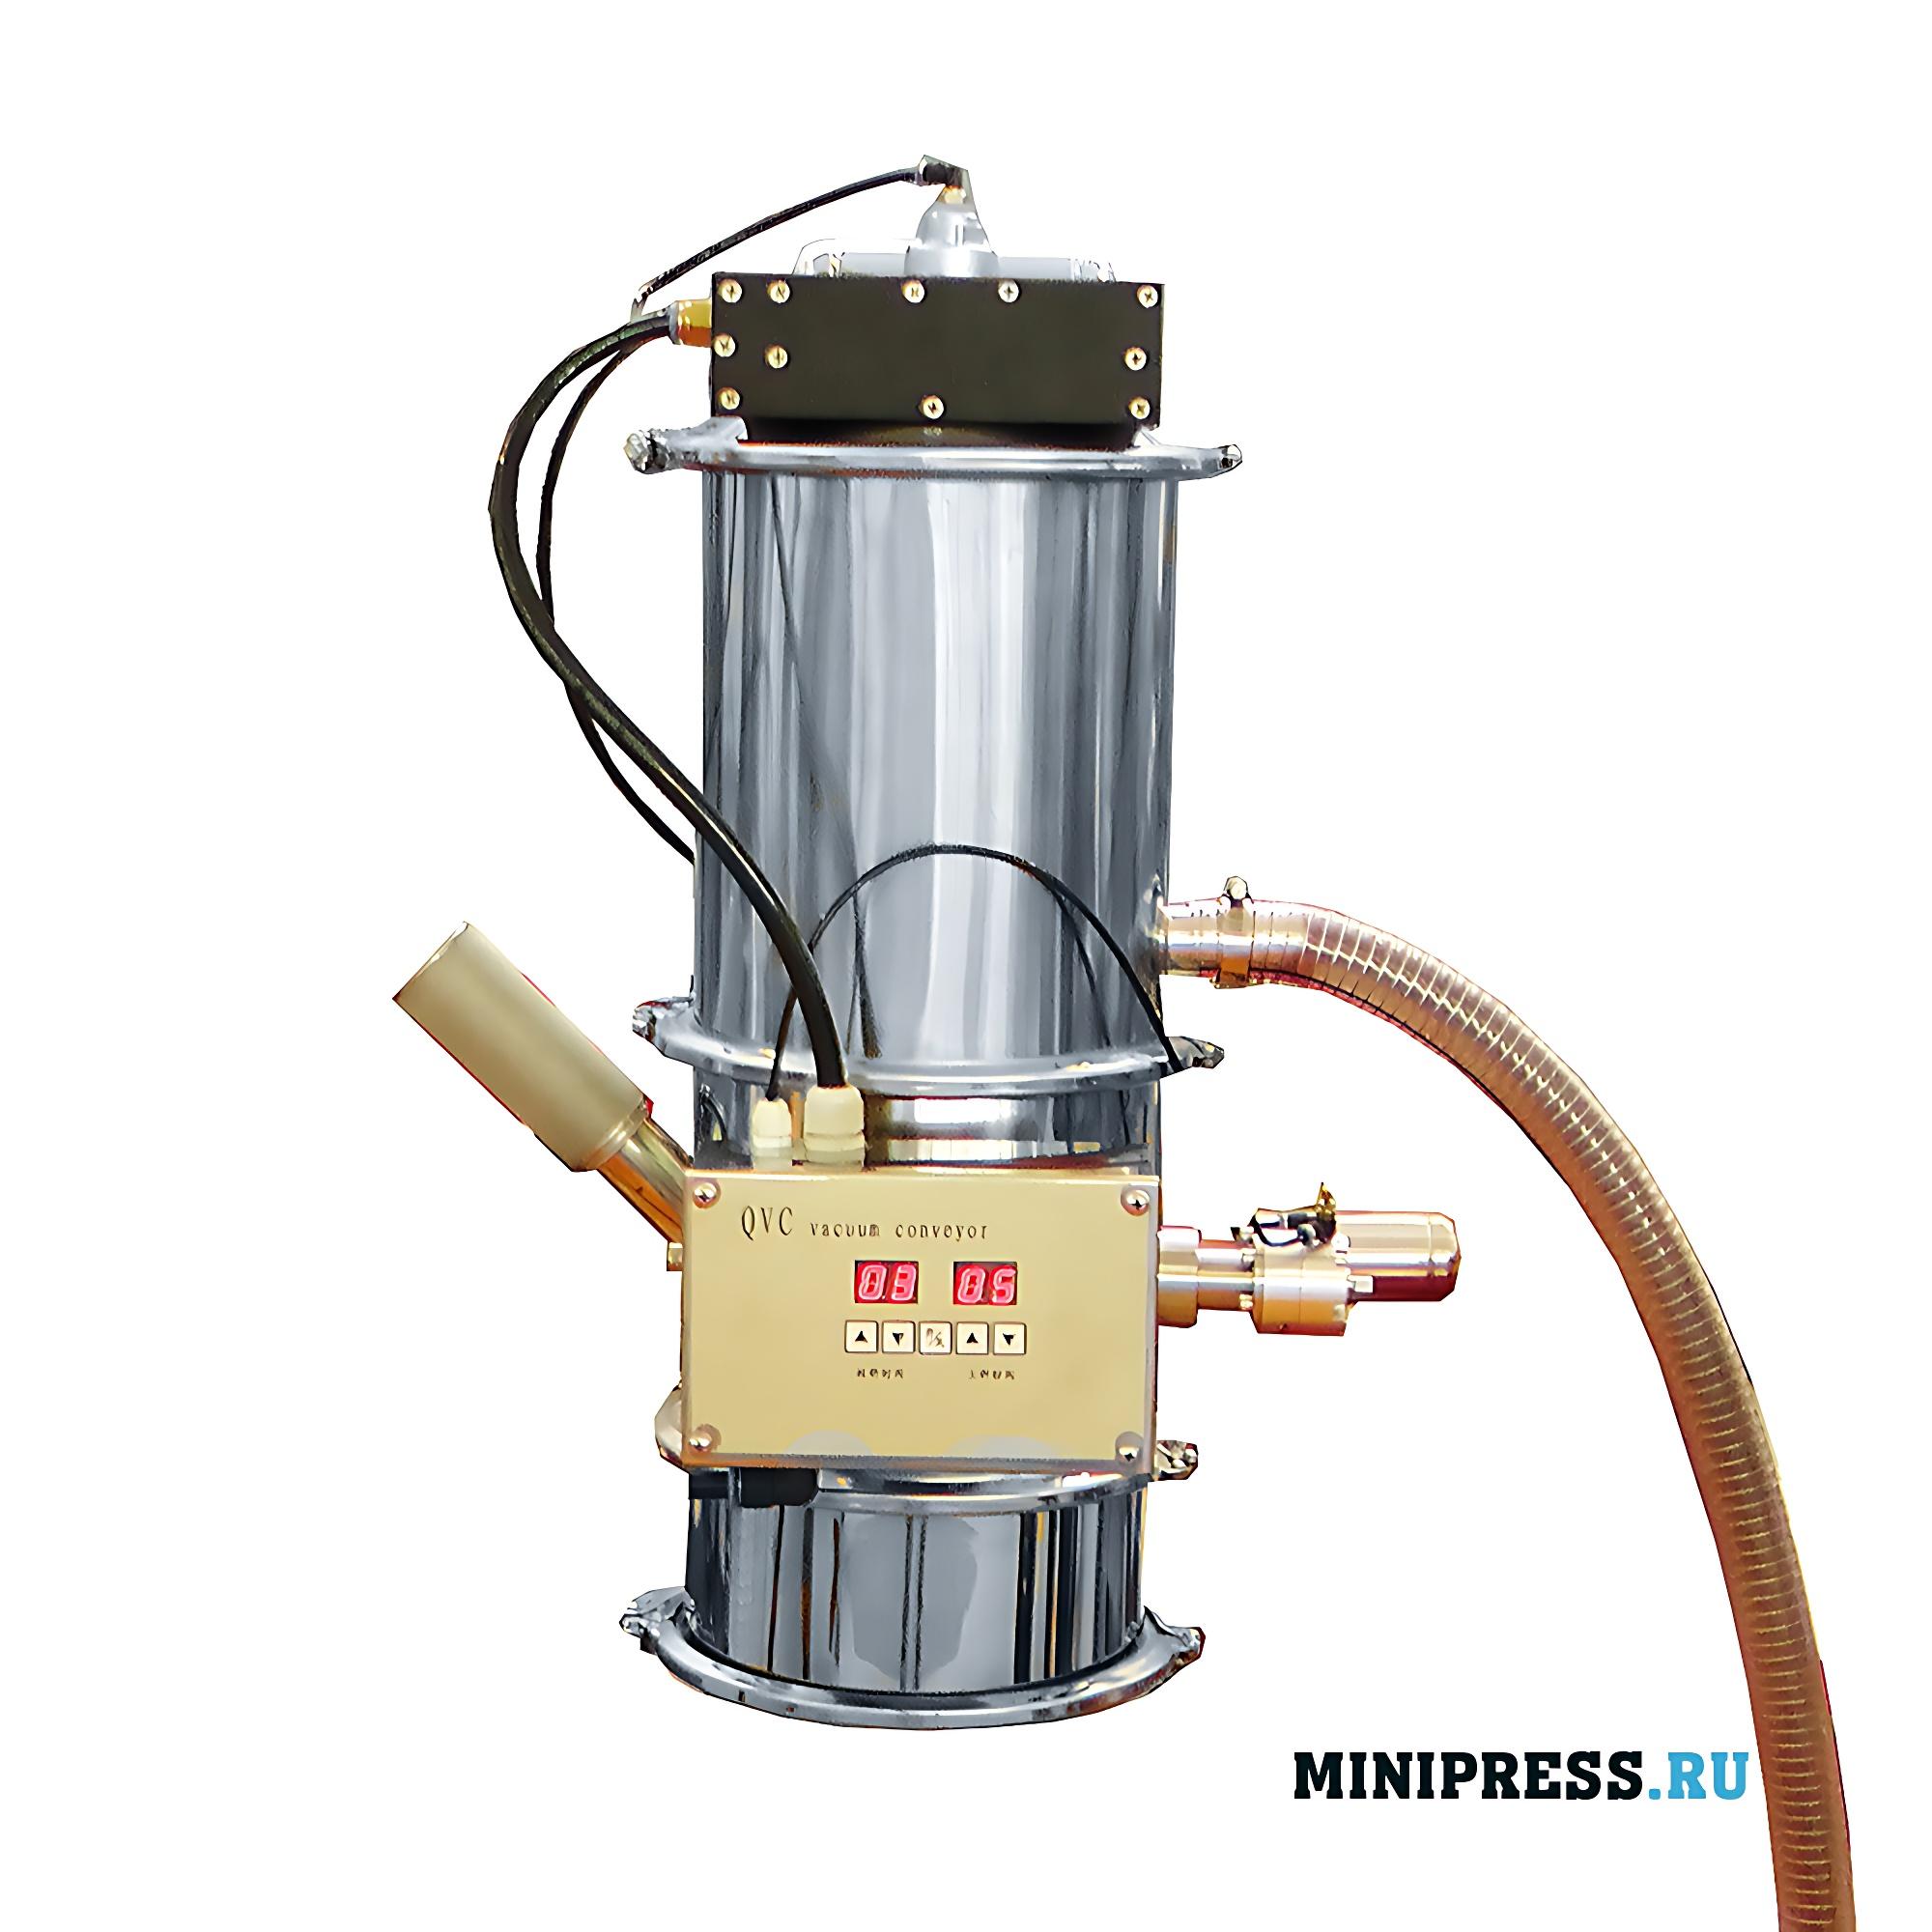 Оборудование для подачи и выгрузки порошков и сыпучих материалов